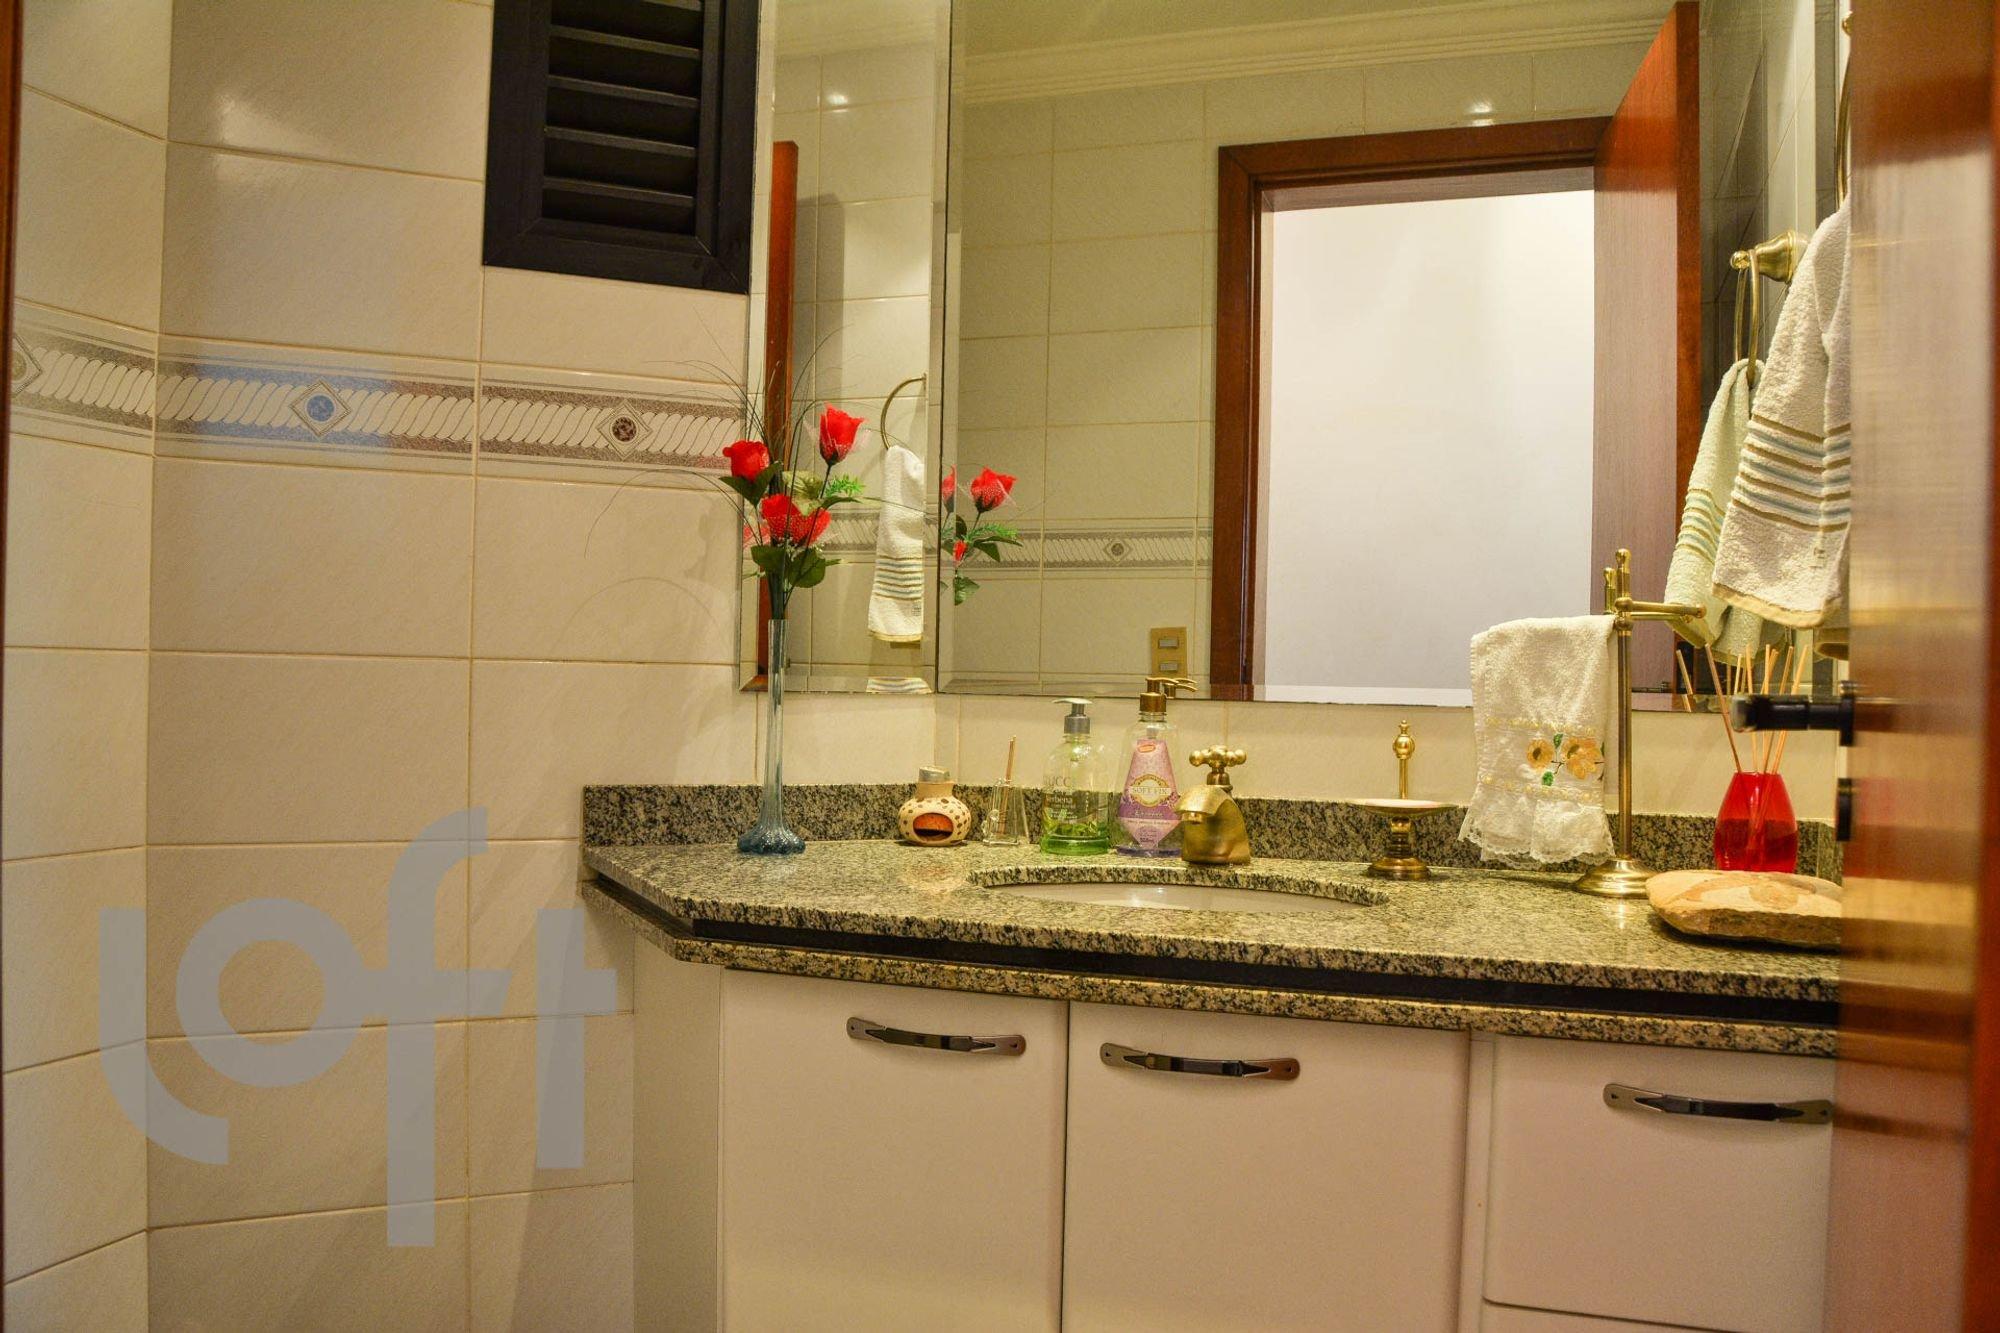 Foto de Cozinha com escova de dente, vaso, garrafa, pia